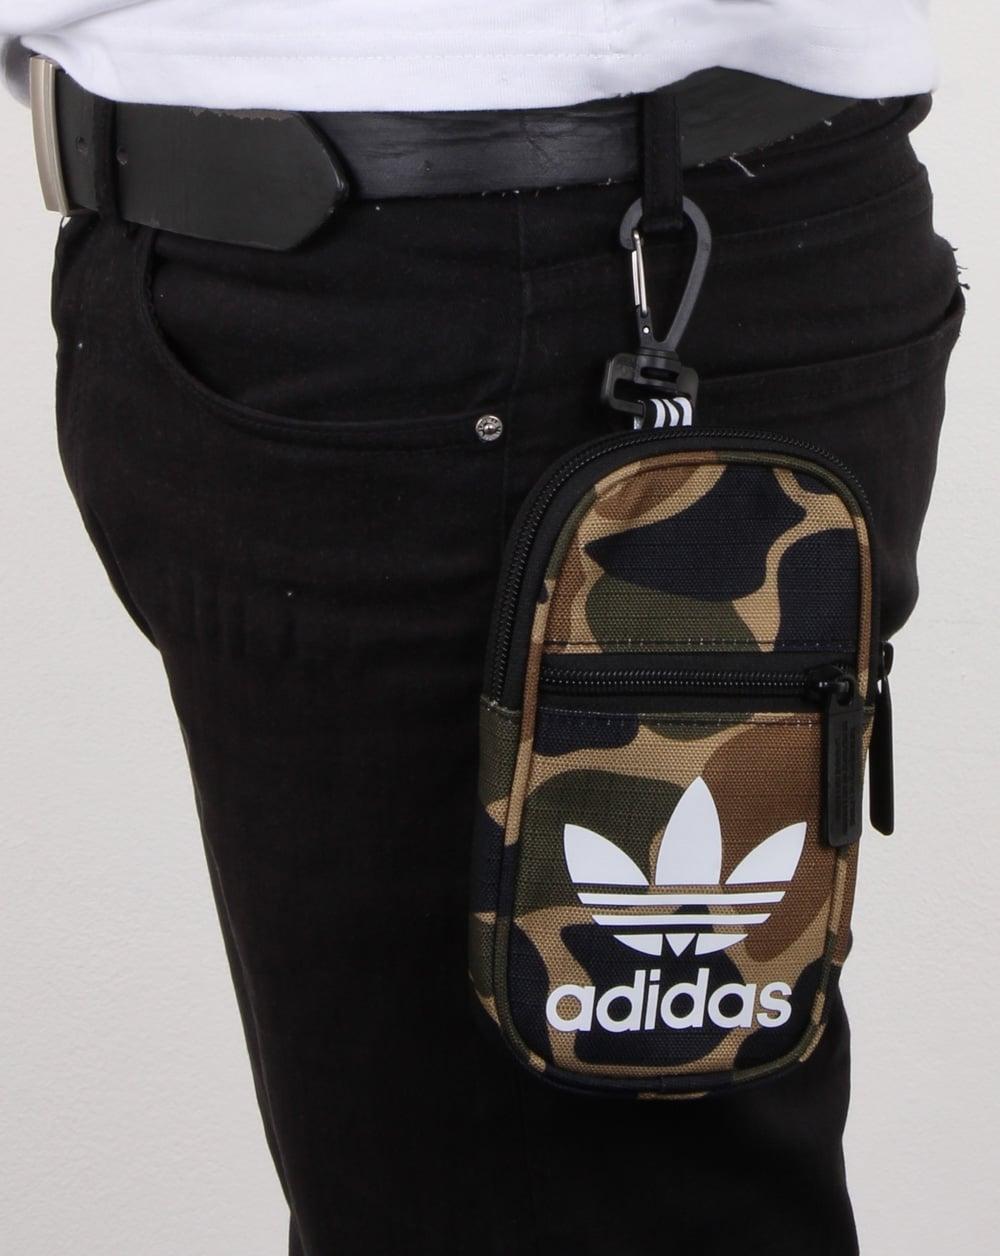 83d954b3459e adidas Originals Adidas Originals Pouch Bag Camo